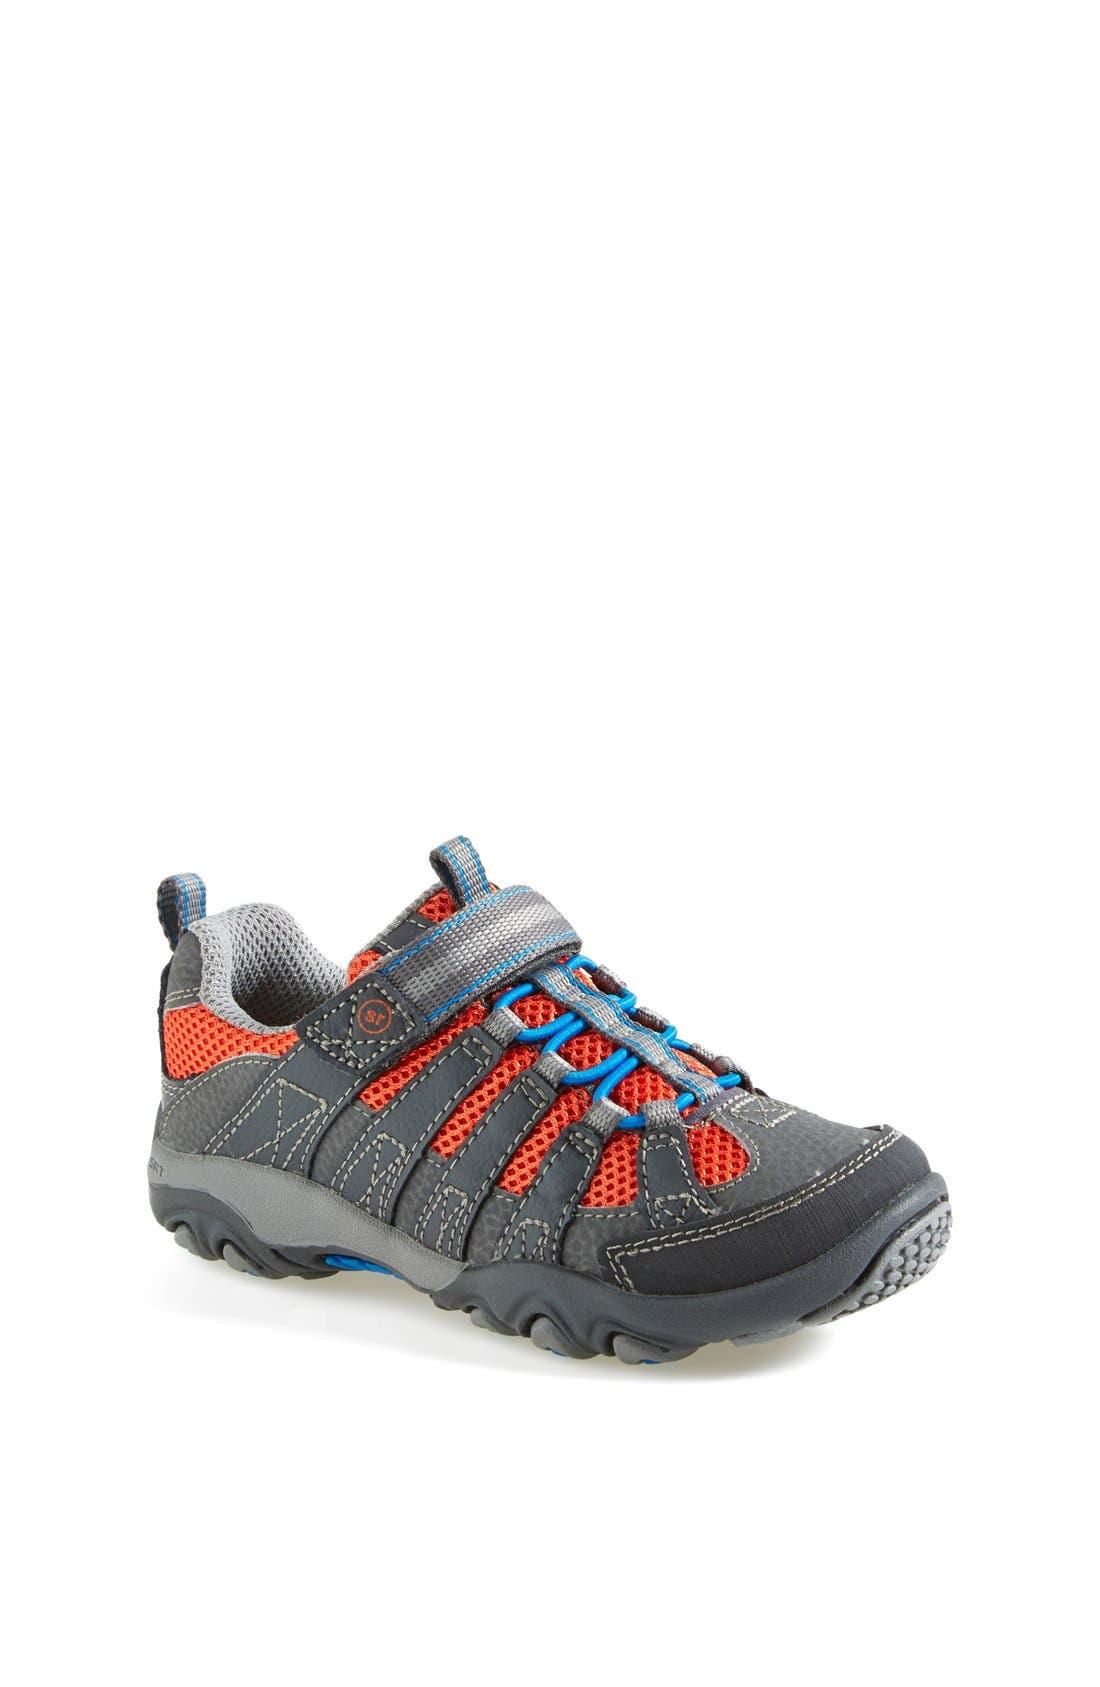 Alternate Image 1 Selected - Stride Rite 'SRT PS Jasper' Sneaker (Online Only) (Toddler & Little Kid)